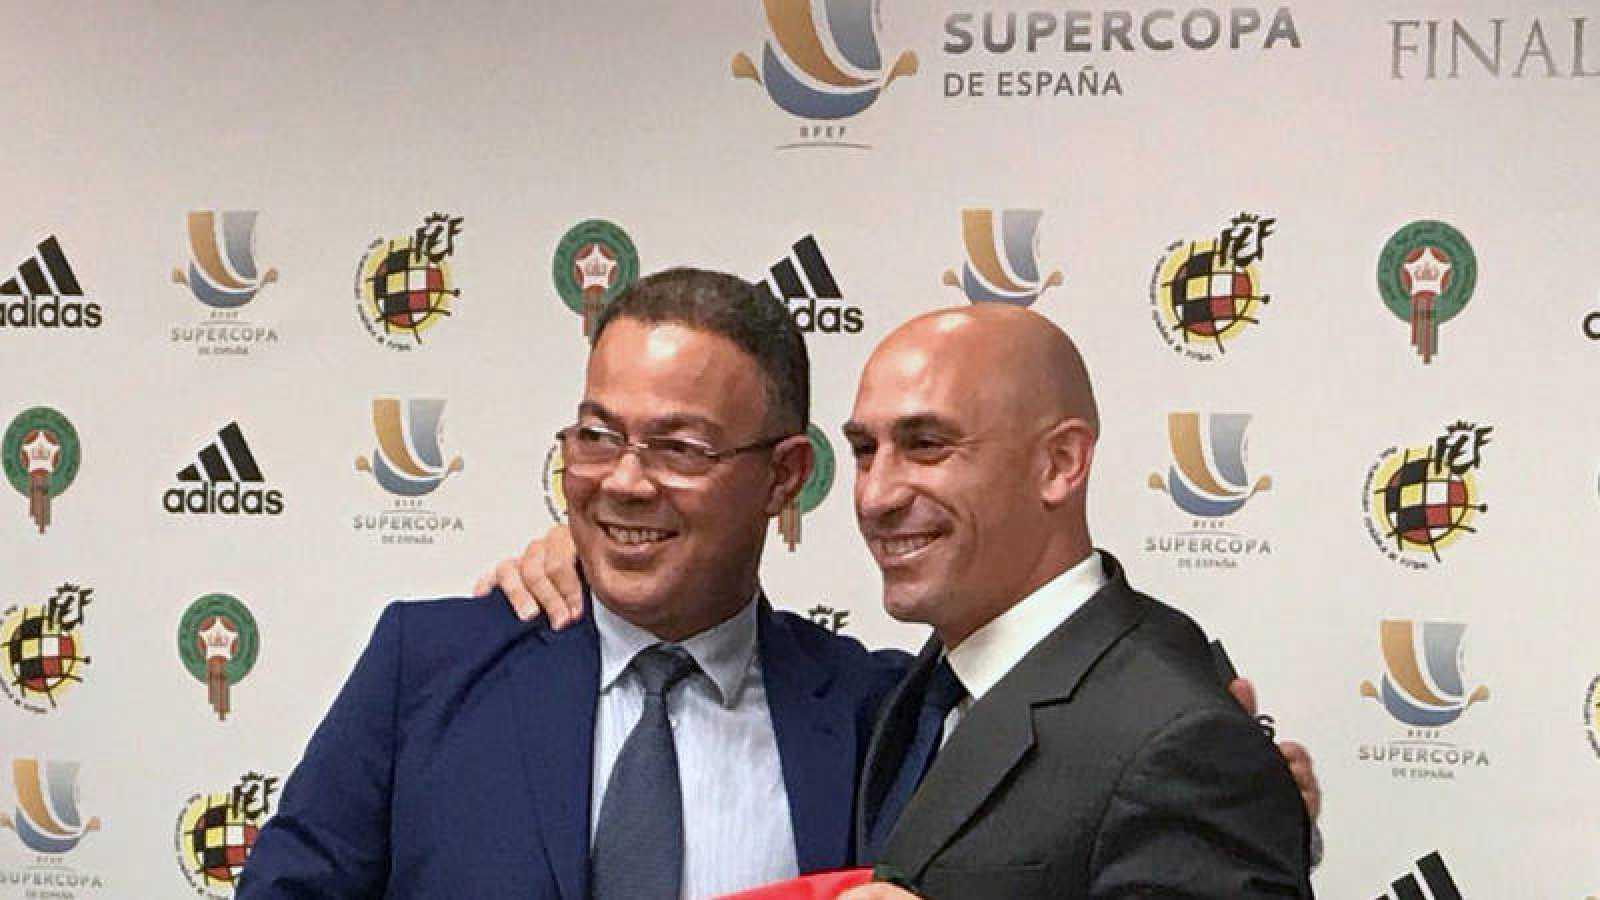 Los presidentes de las federaciones de Marruecos y España, Fouzi Lekjaa y Luis Rubiales, en la presentación de la Supercopa